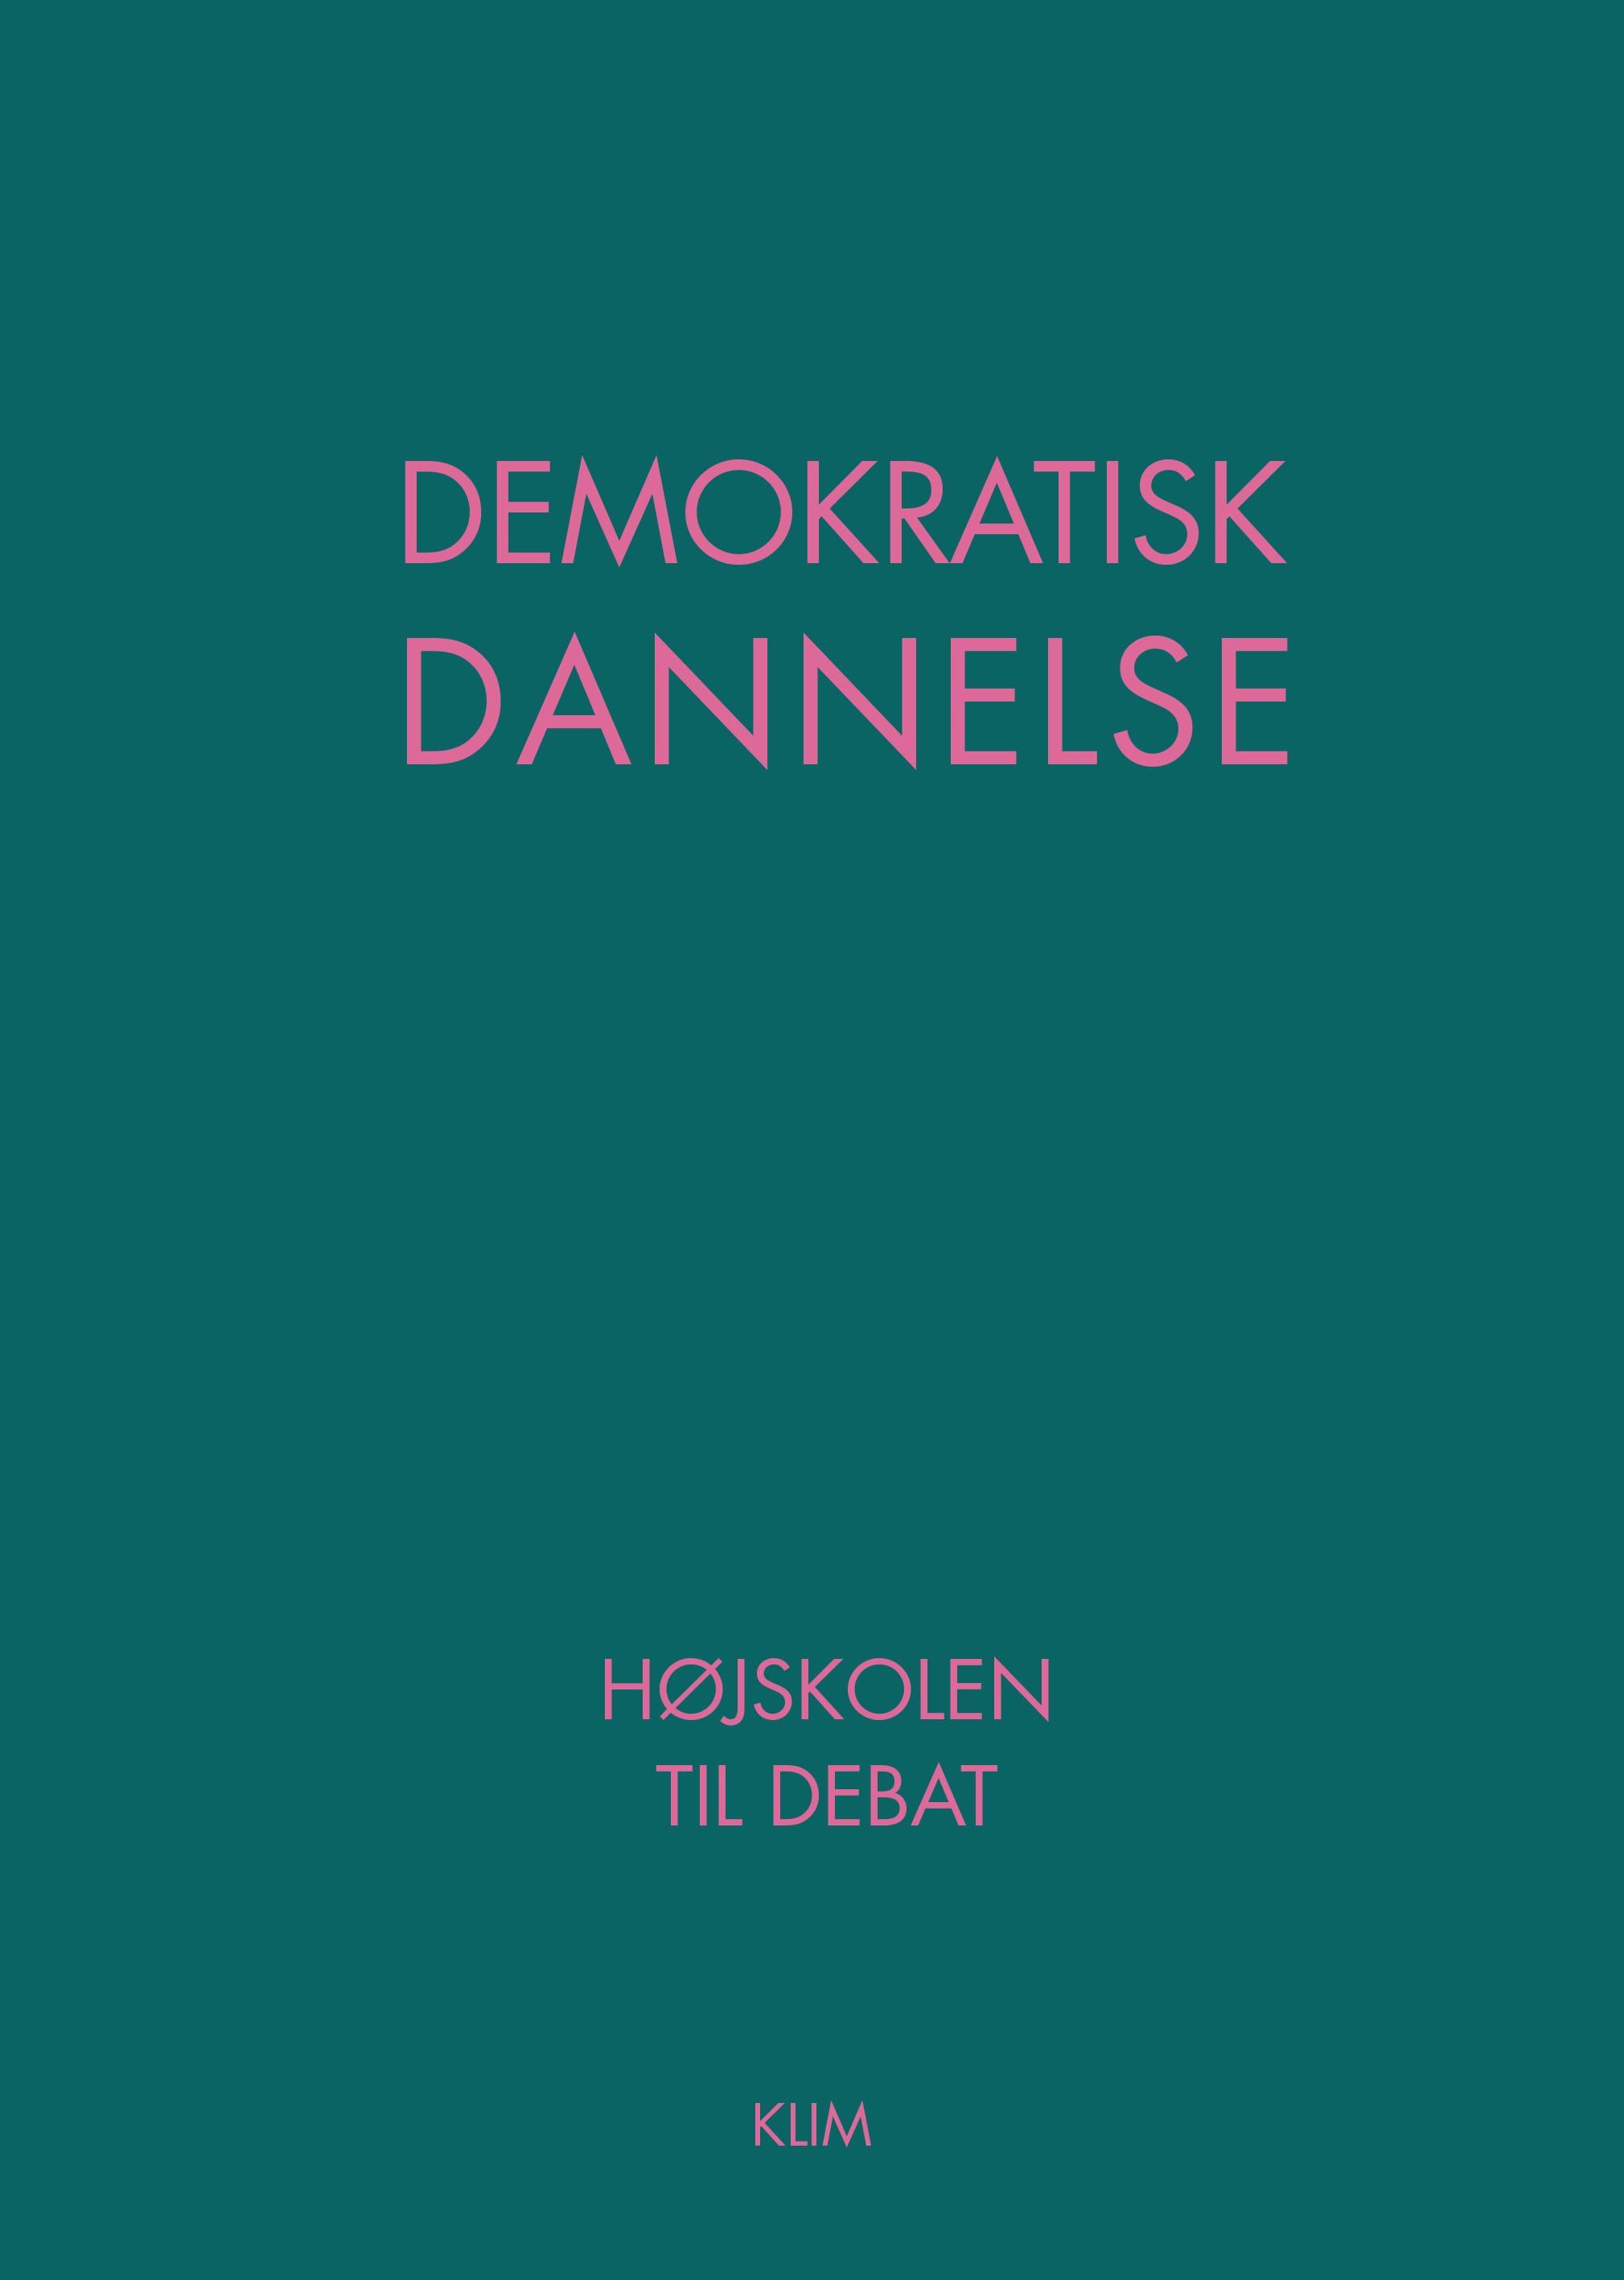 Forside til Demokratisk Dannelse - højskolen til debat